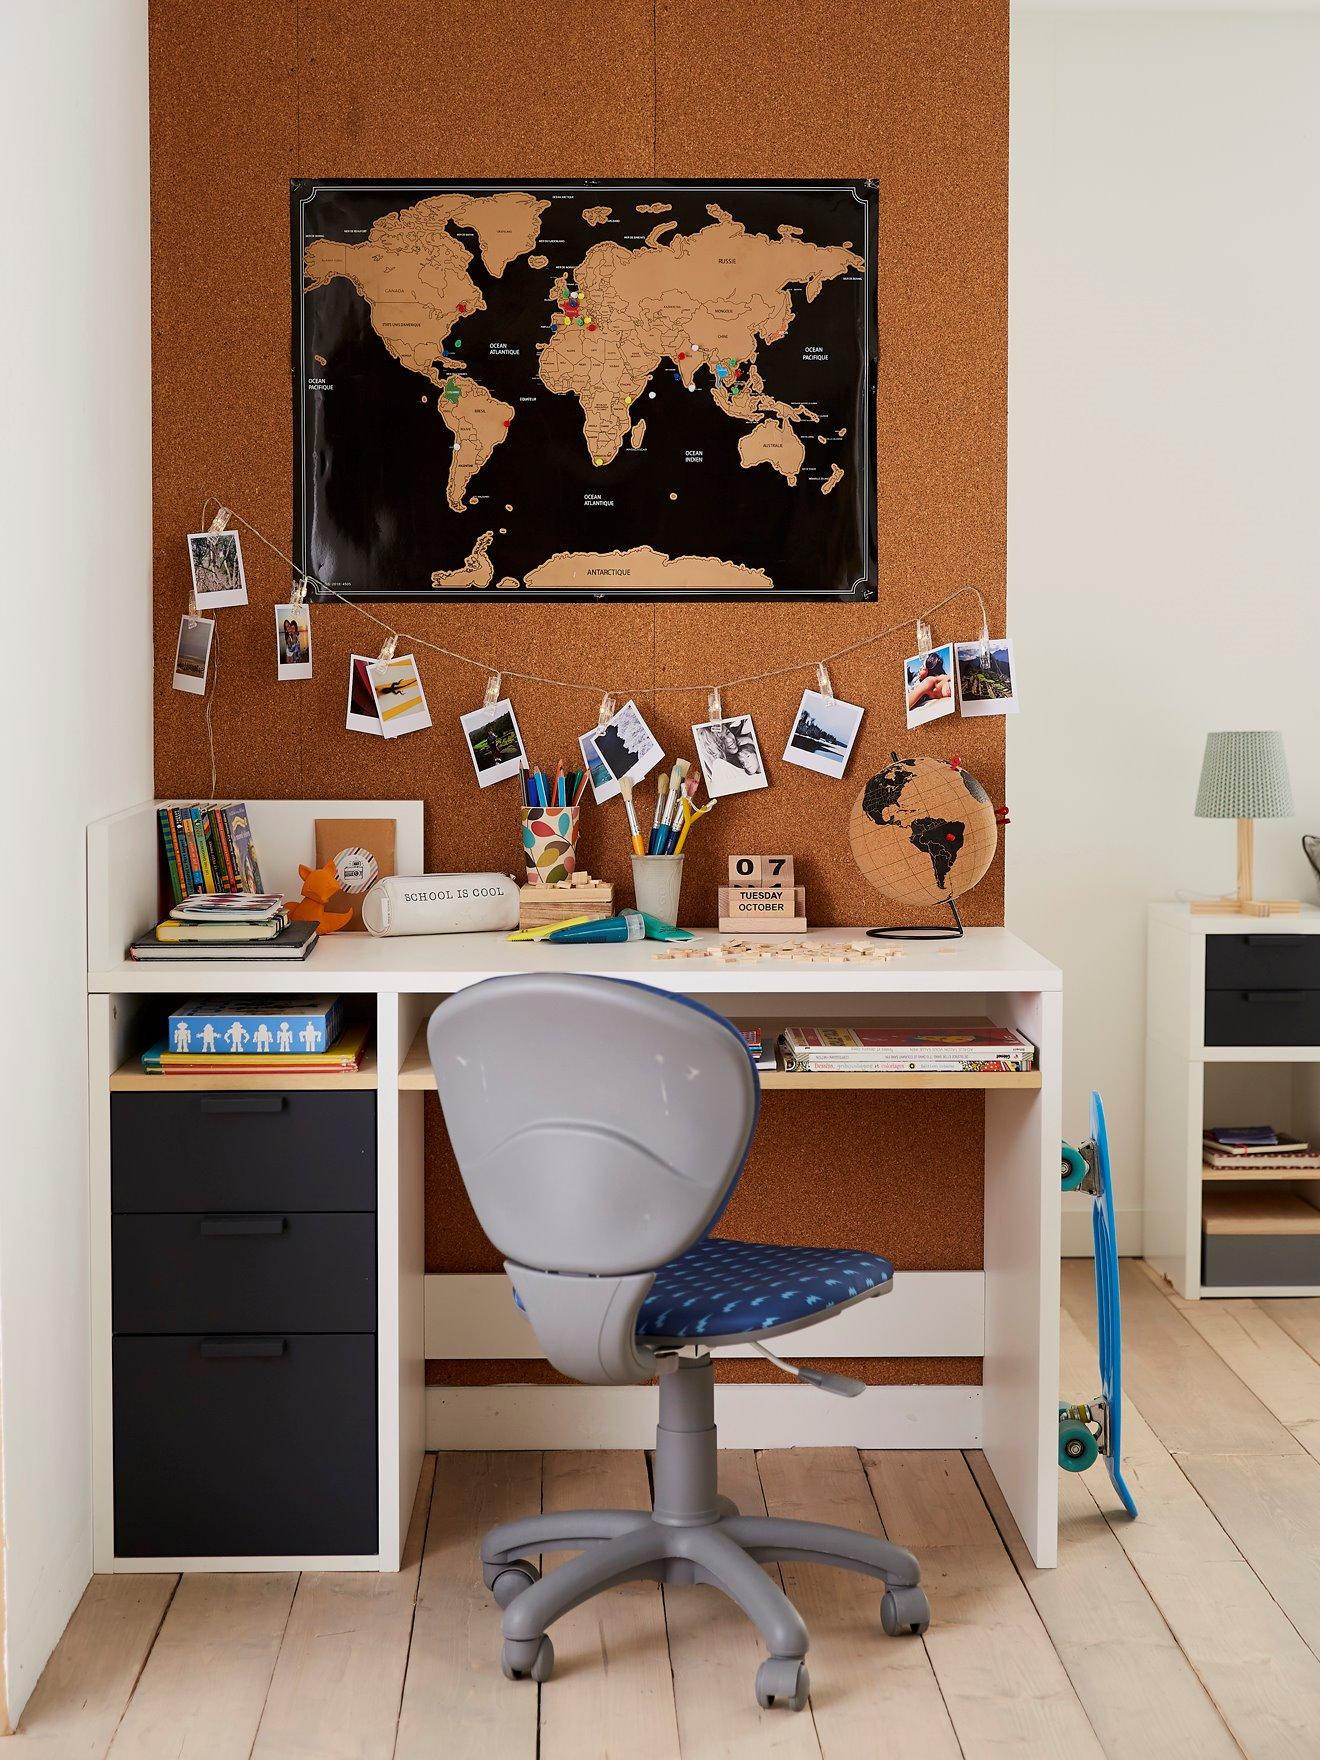 98f42ce95f8d9 Bureau junior LIGNE REGLISSE blanc/gris fonce pas cher - Bureau Enfant  Vertbaudet: (Maison): Vertbaudet Bureau junior LIGNE REGLISSE blanc/gris  fonce Bureau ...